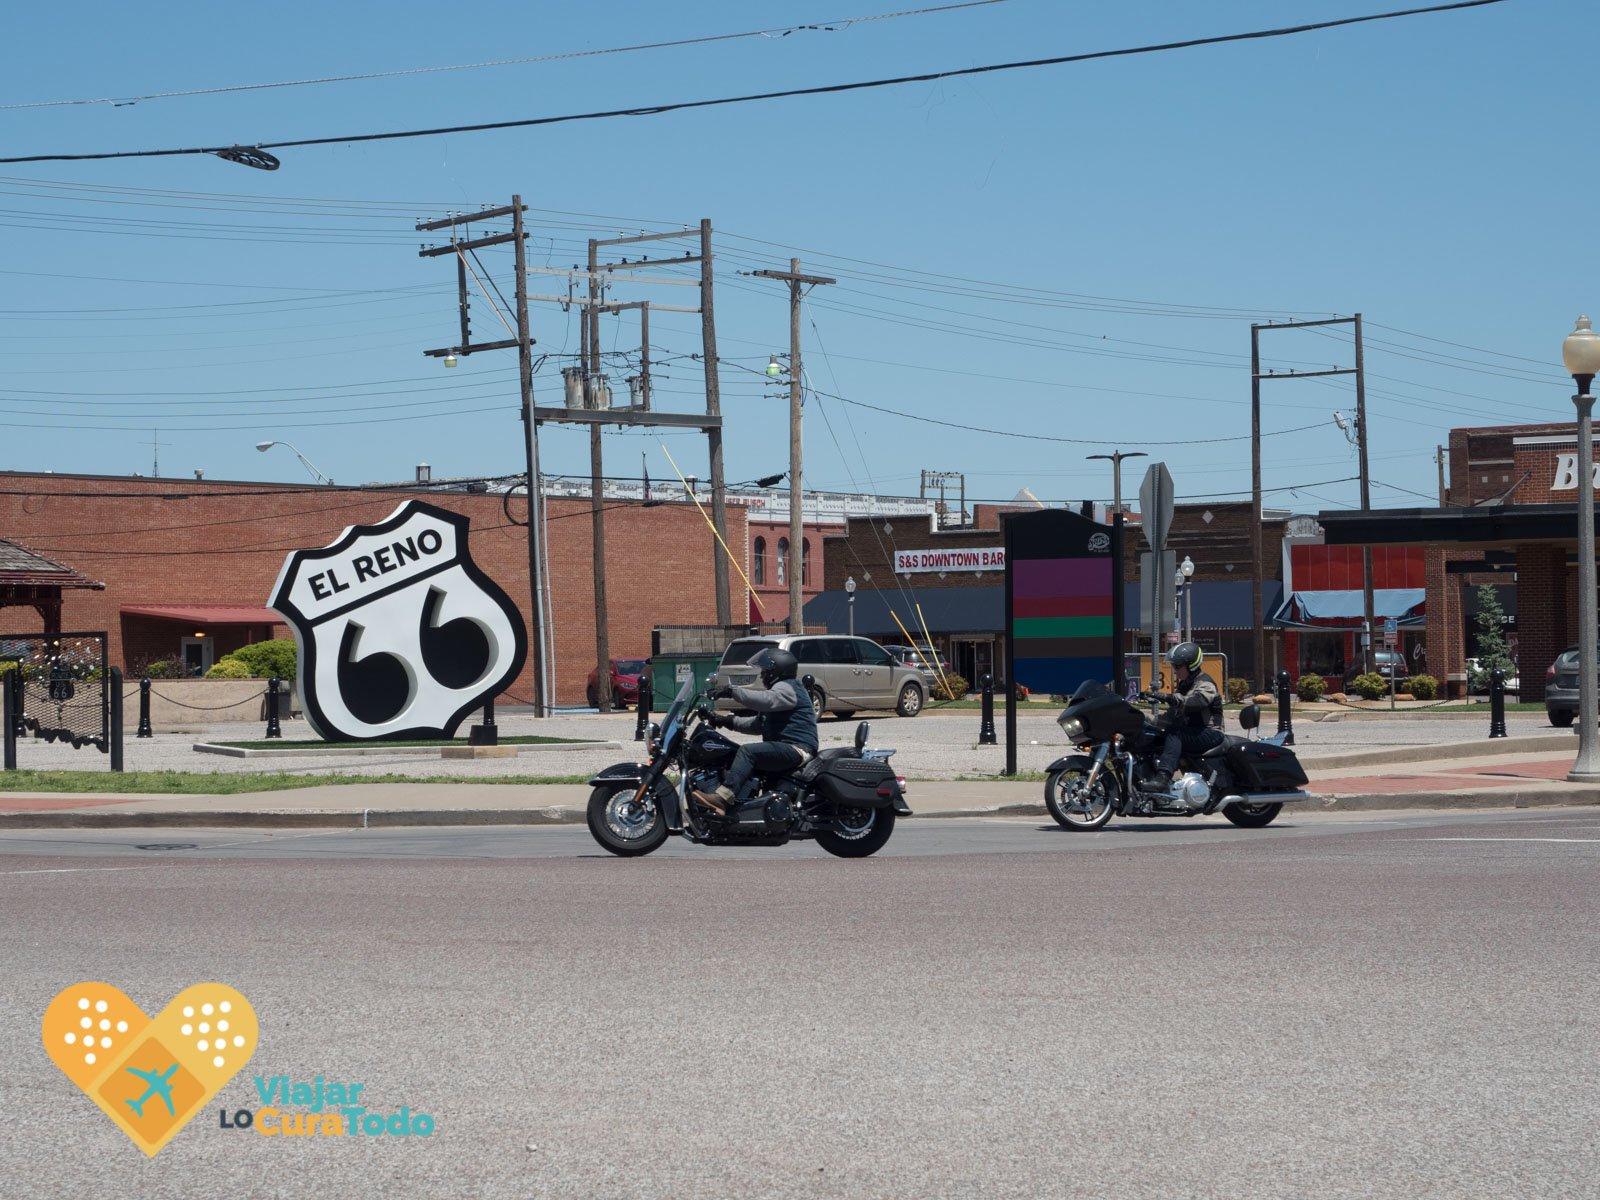 escudo ruta 66 El Reno